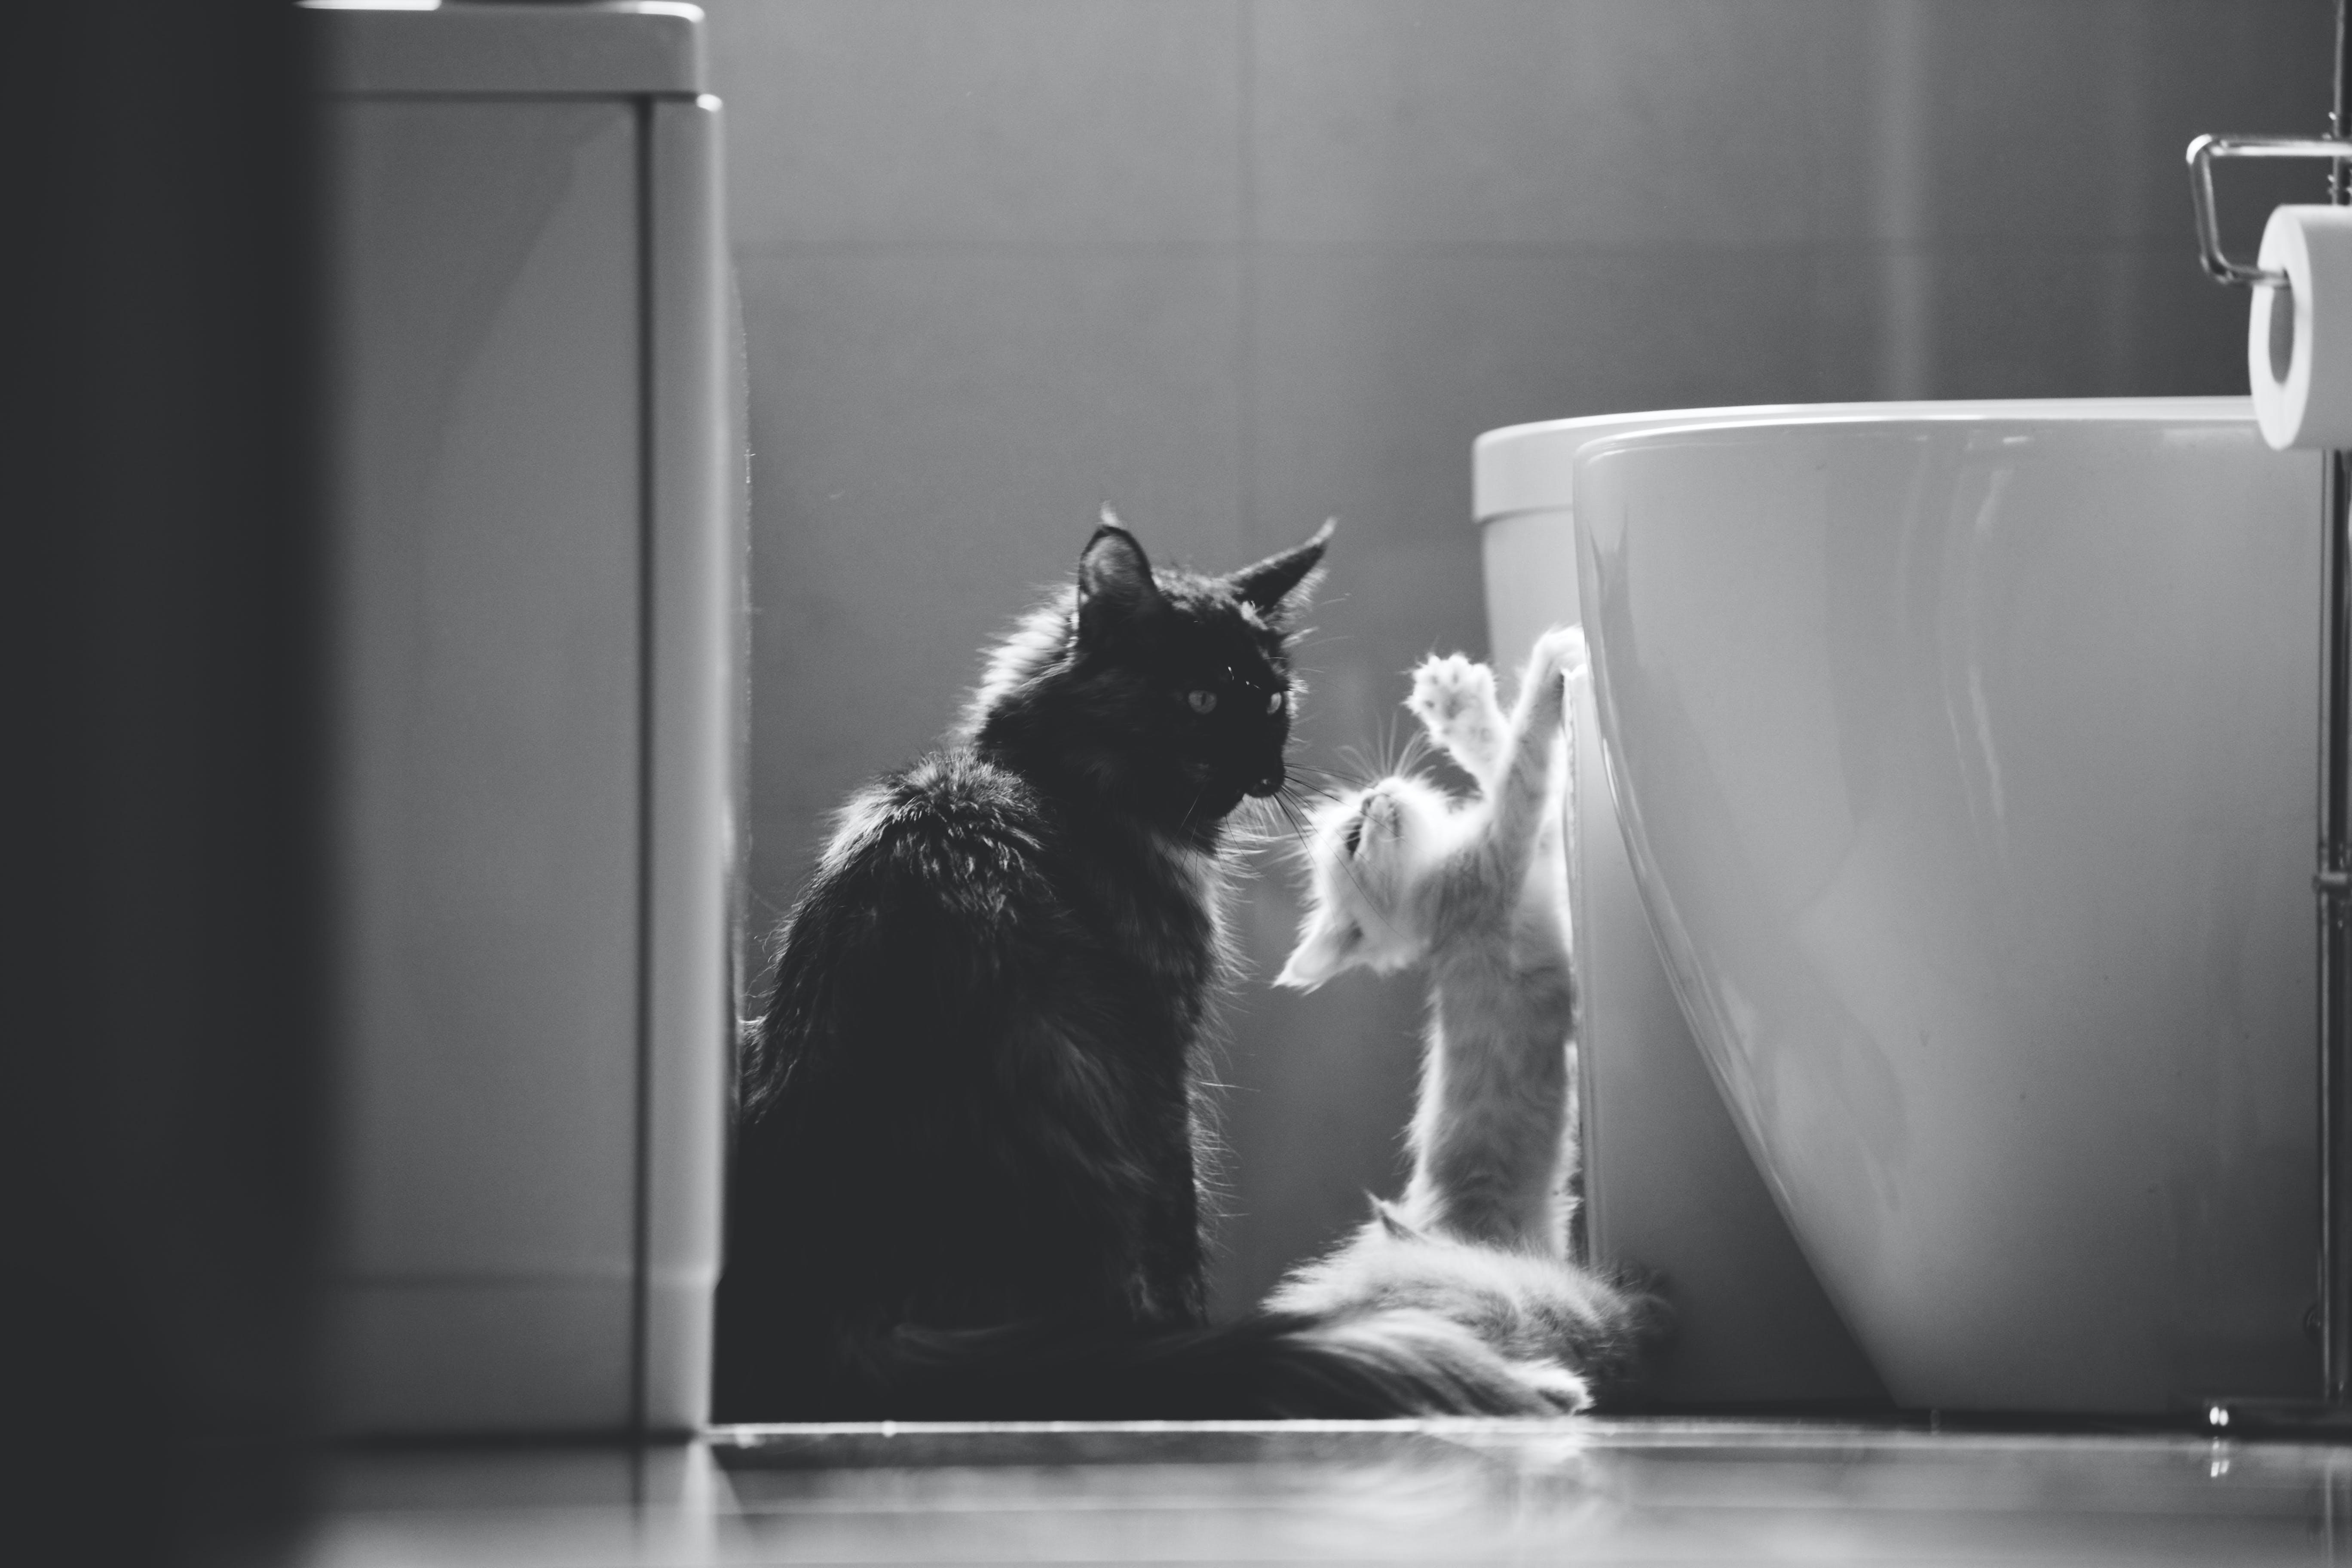 amerikanische waldkatze, badezimmer, kätzchen